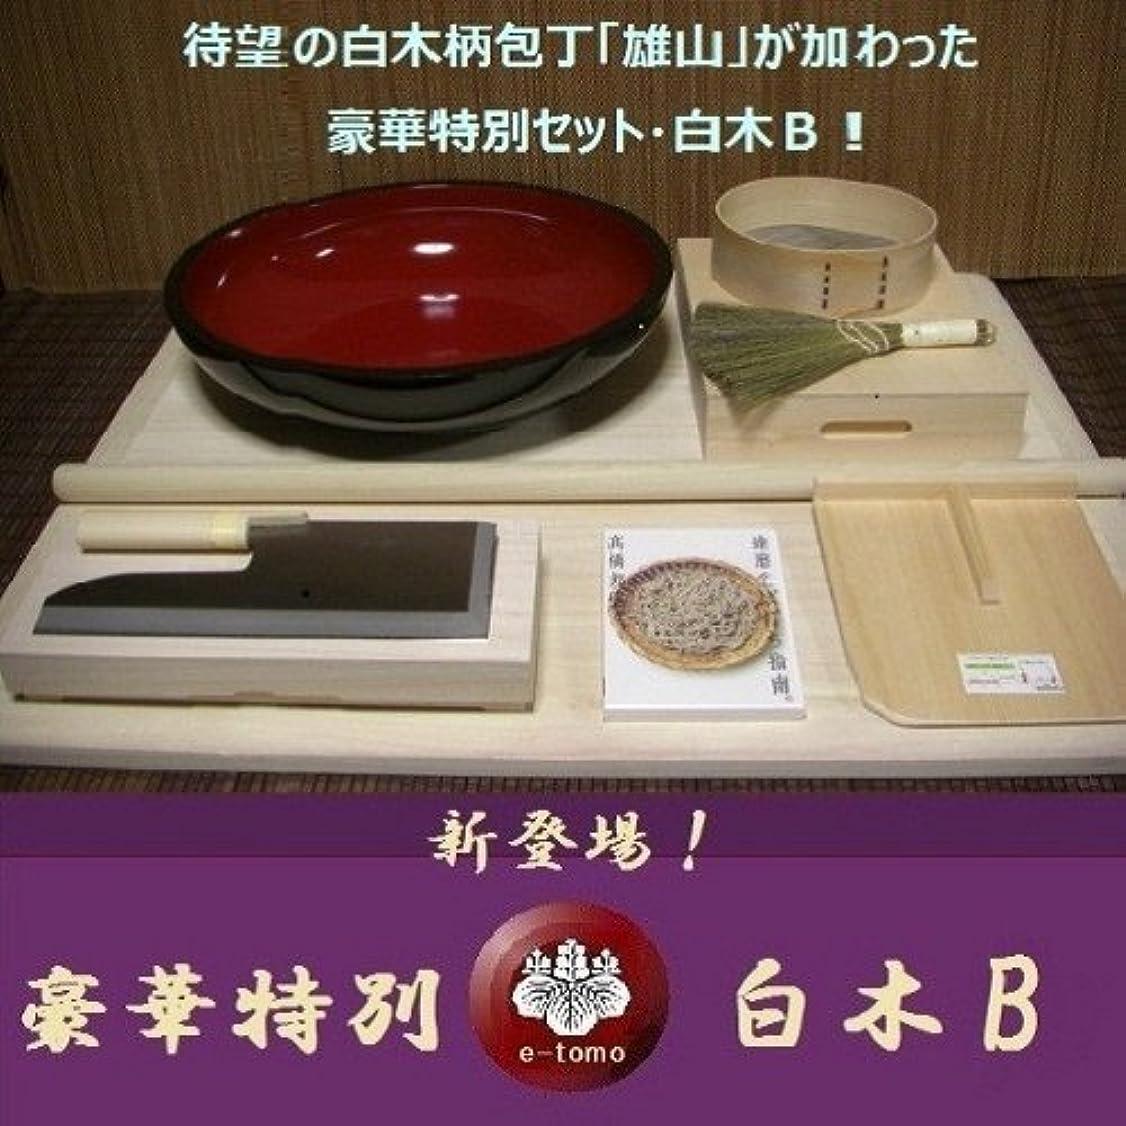 木米ドル電子そば打ち道具 豪華特別セット 白木B(そば打ちセット)(teto2)